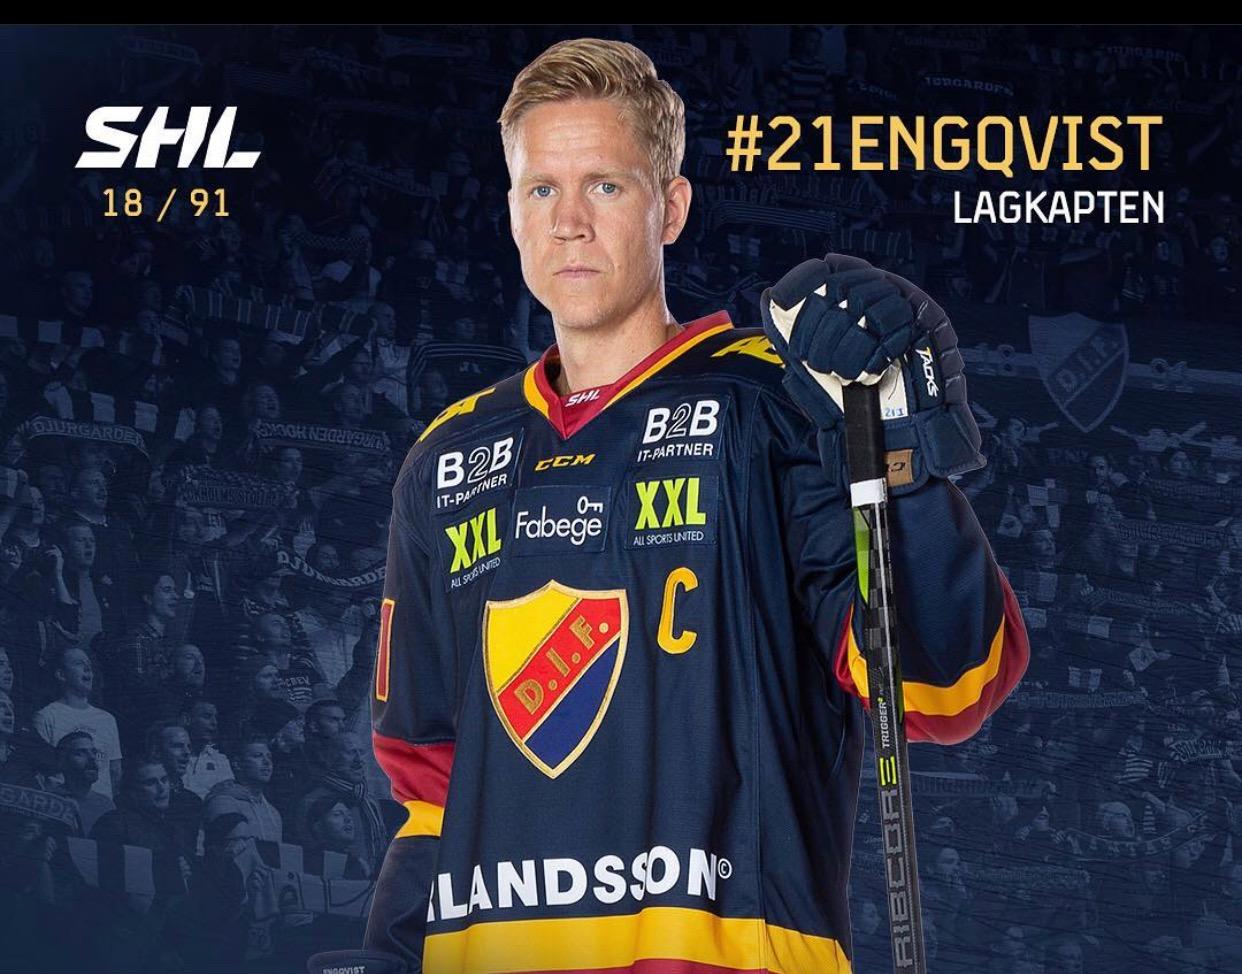 Hjärnskakningar – intervju med hockeyspelaren Andreas Engqvist